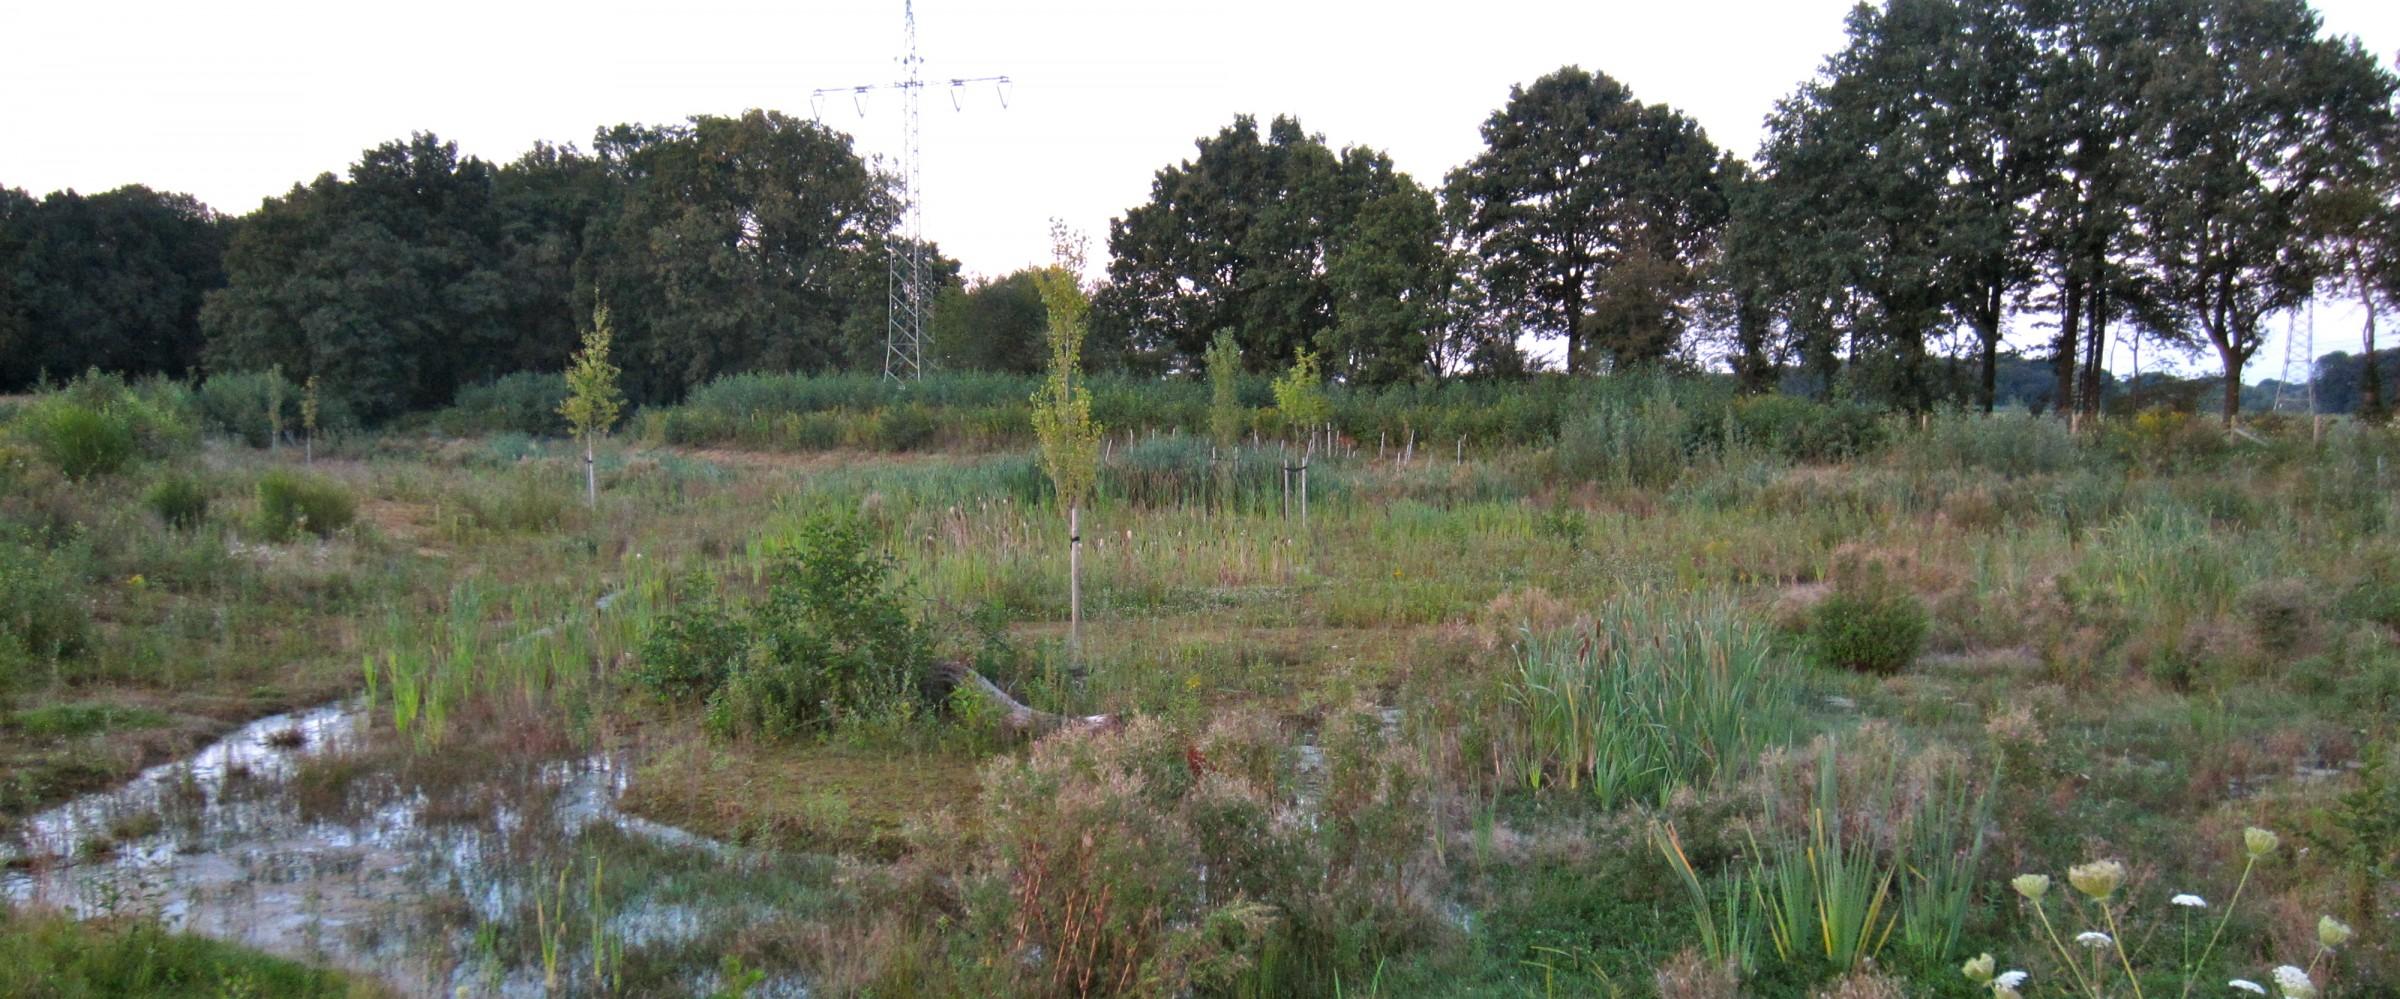 Erdbach Renaturierung Garten- und Landschaftsbau Essen Dorsten Ruhrgebiet Dorsten Bottrop Gladbeck _0114